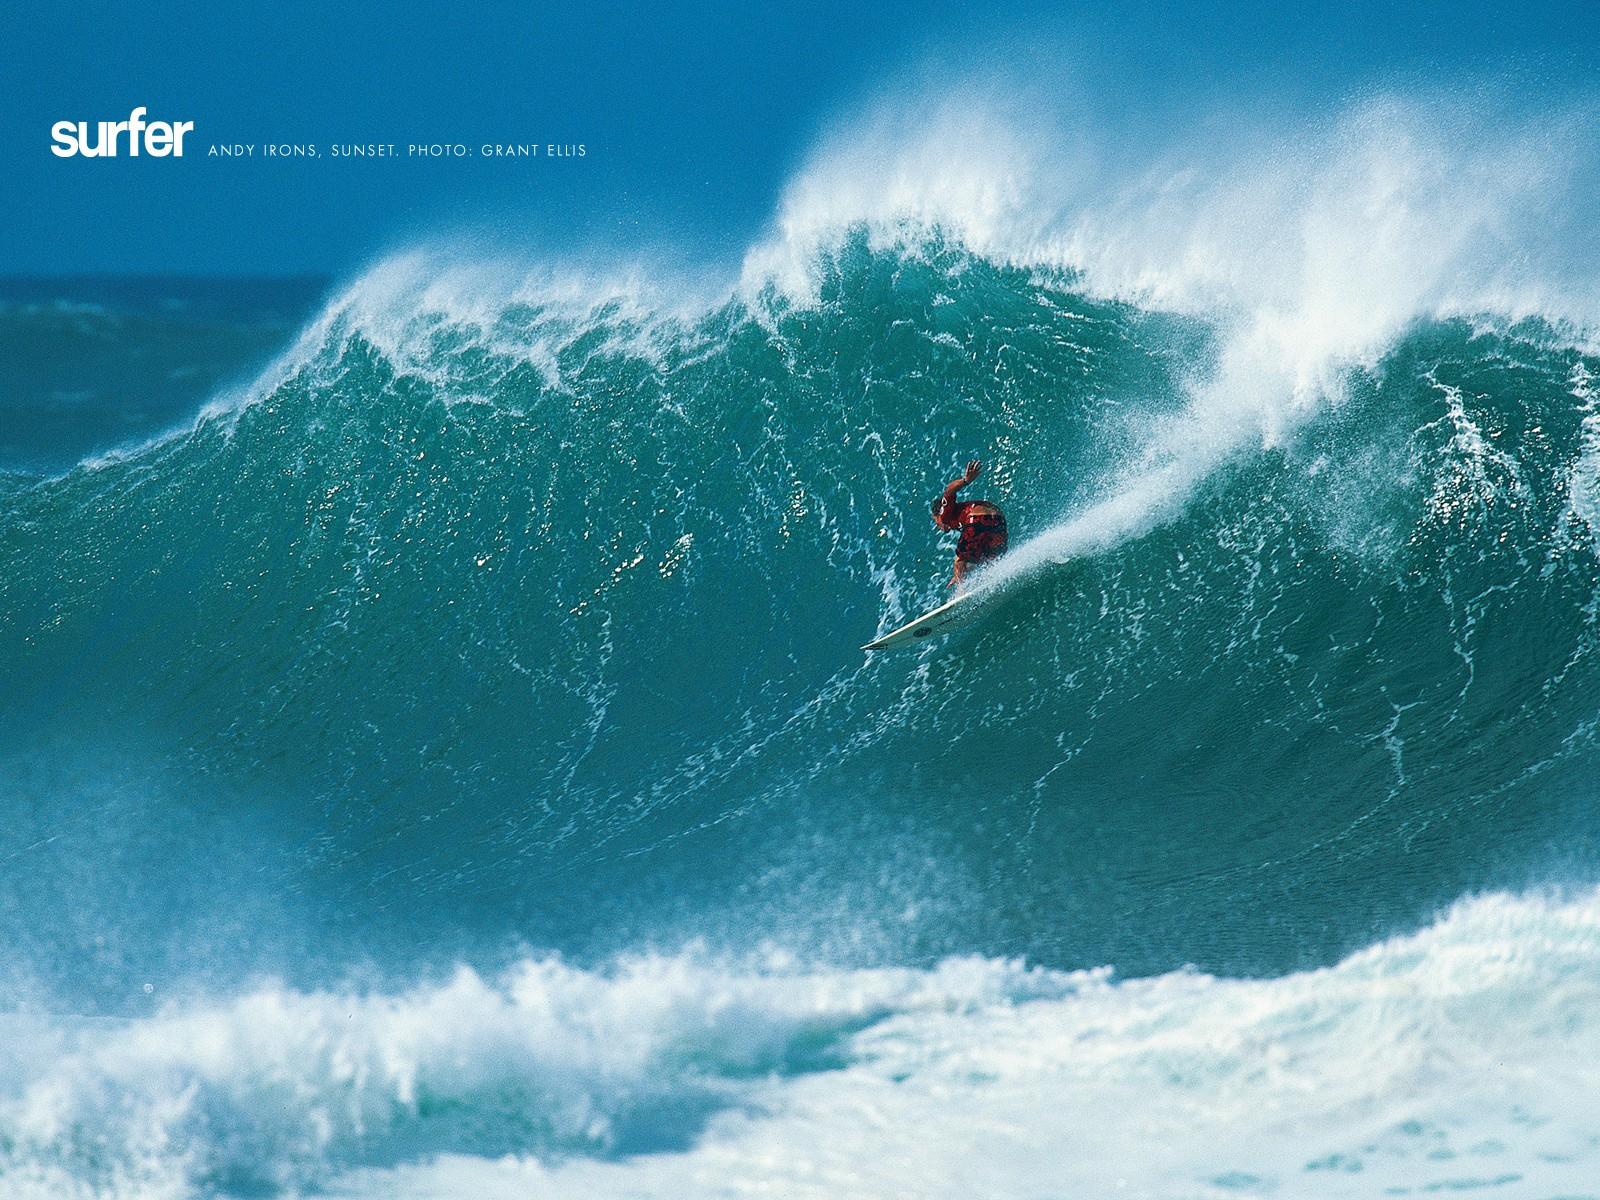 デスクトップ壁紙 男性 サーファー 海洋 サーフボード 風の波